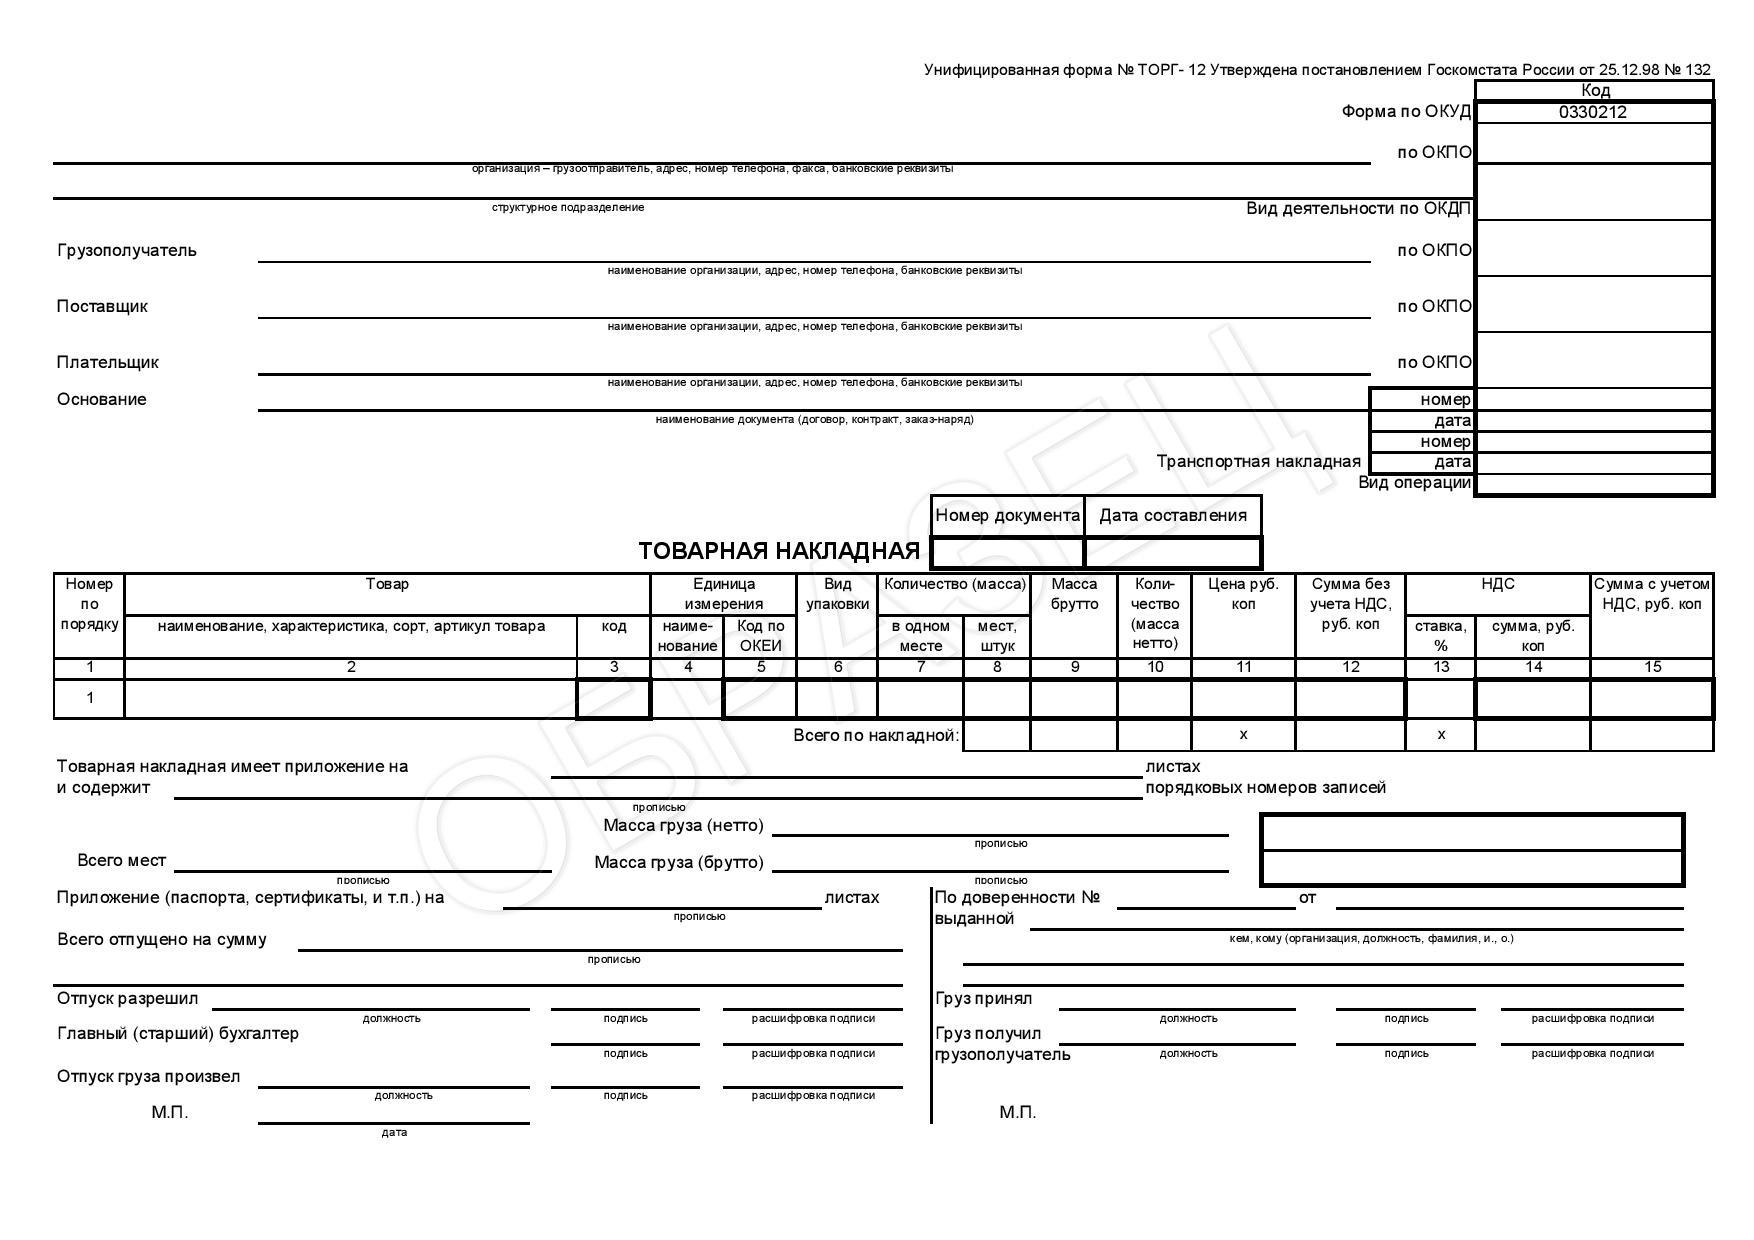 Торг-12: образец заполнения и бланки для excel и word на 1 листе (можно скачать бесплатно), работа с унифицированной формой товарной накладной и правила для всех тн